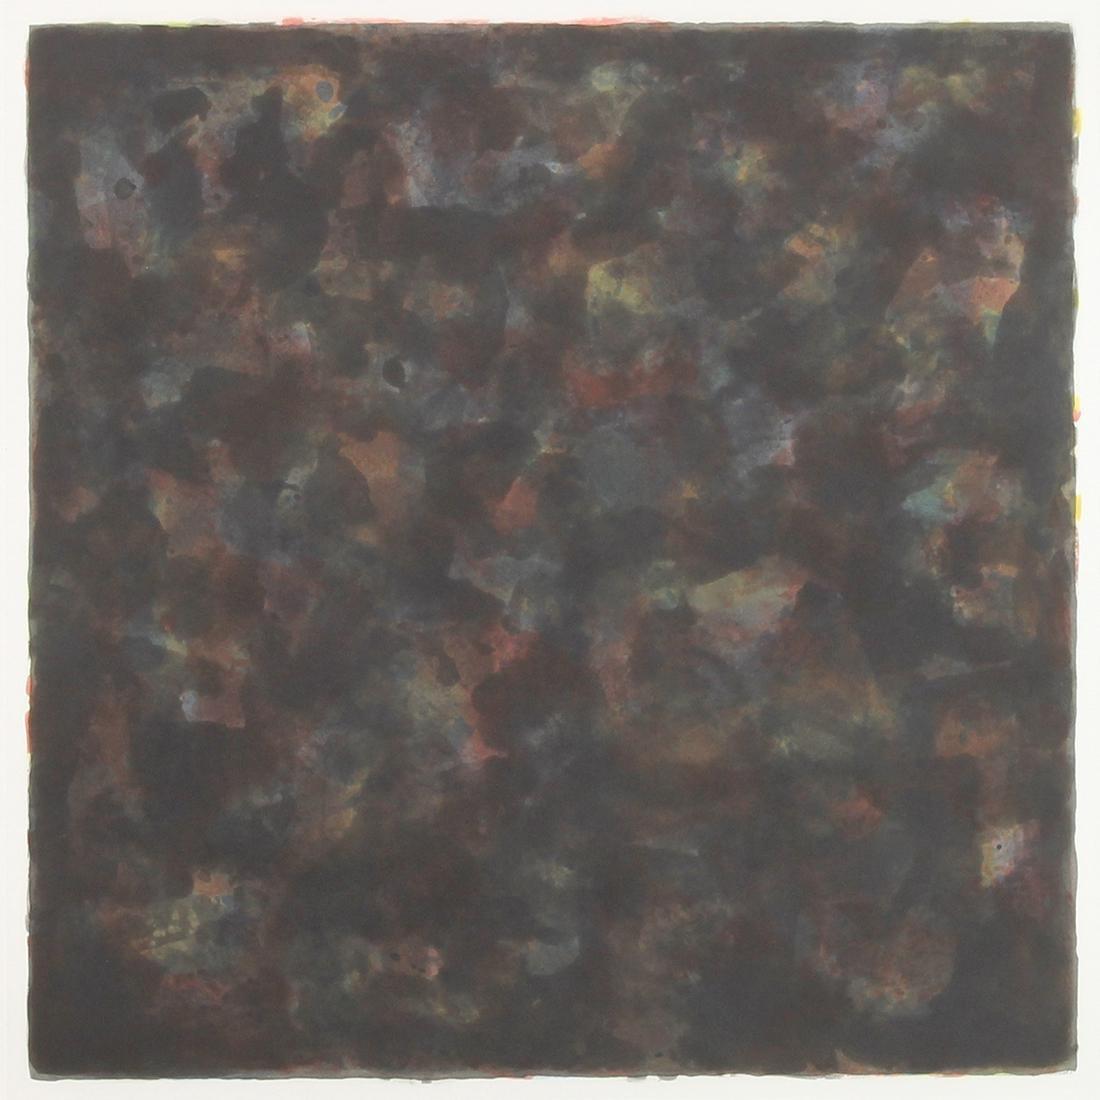 Print, Sol LeWitt, Color and Black 40 X 40/3